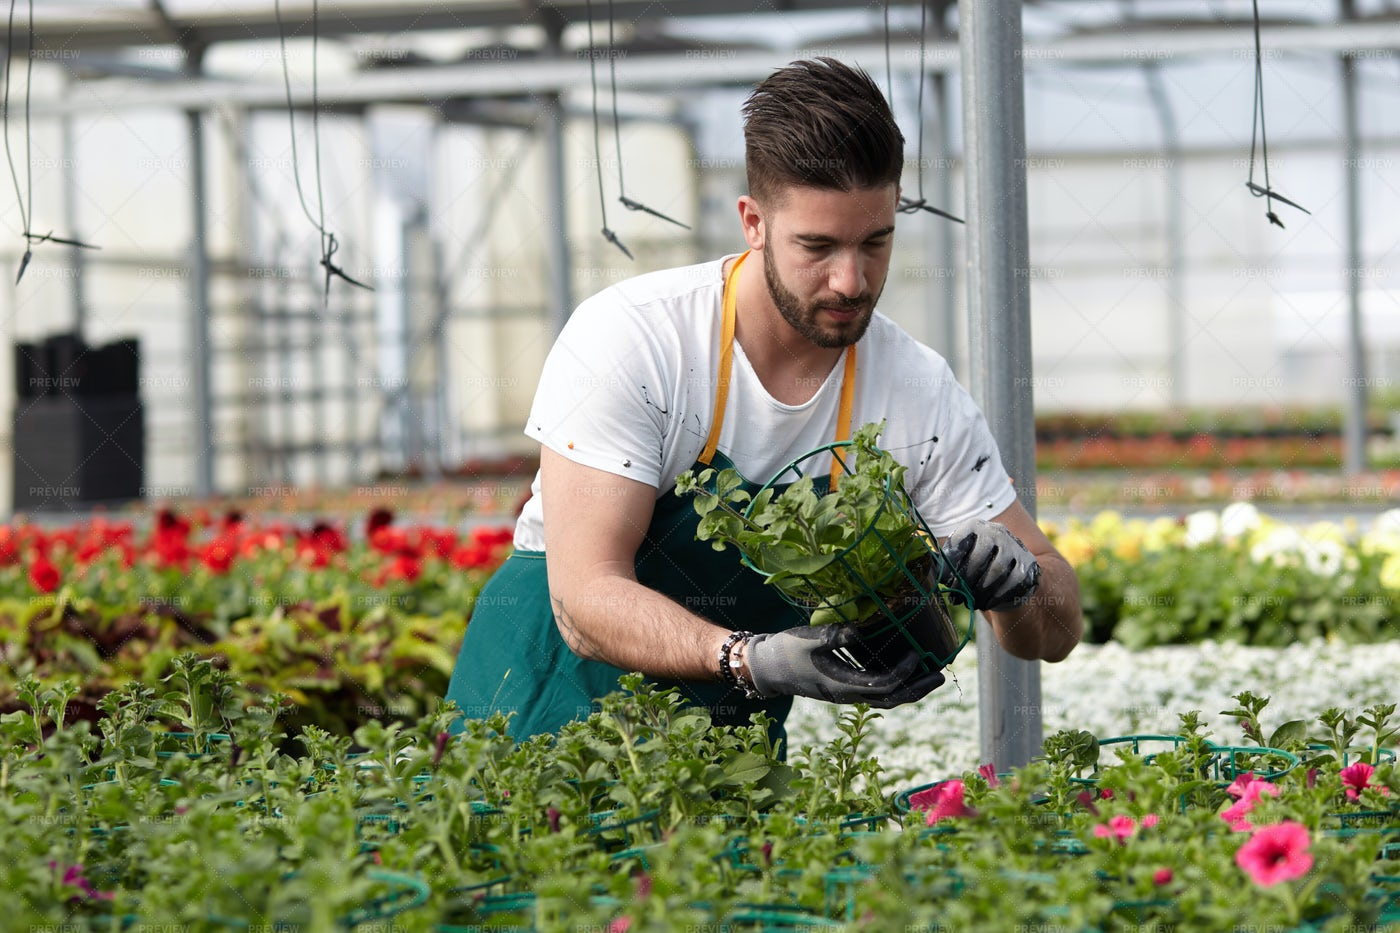 Florist In A Plant Nursery: Stock Photos